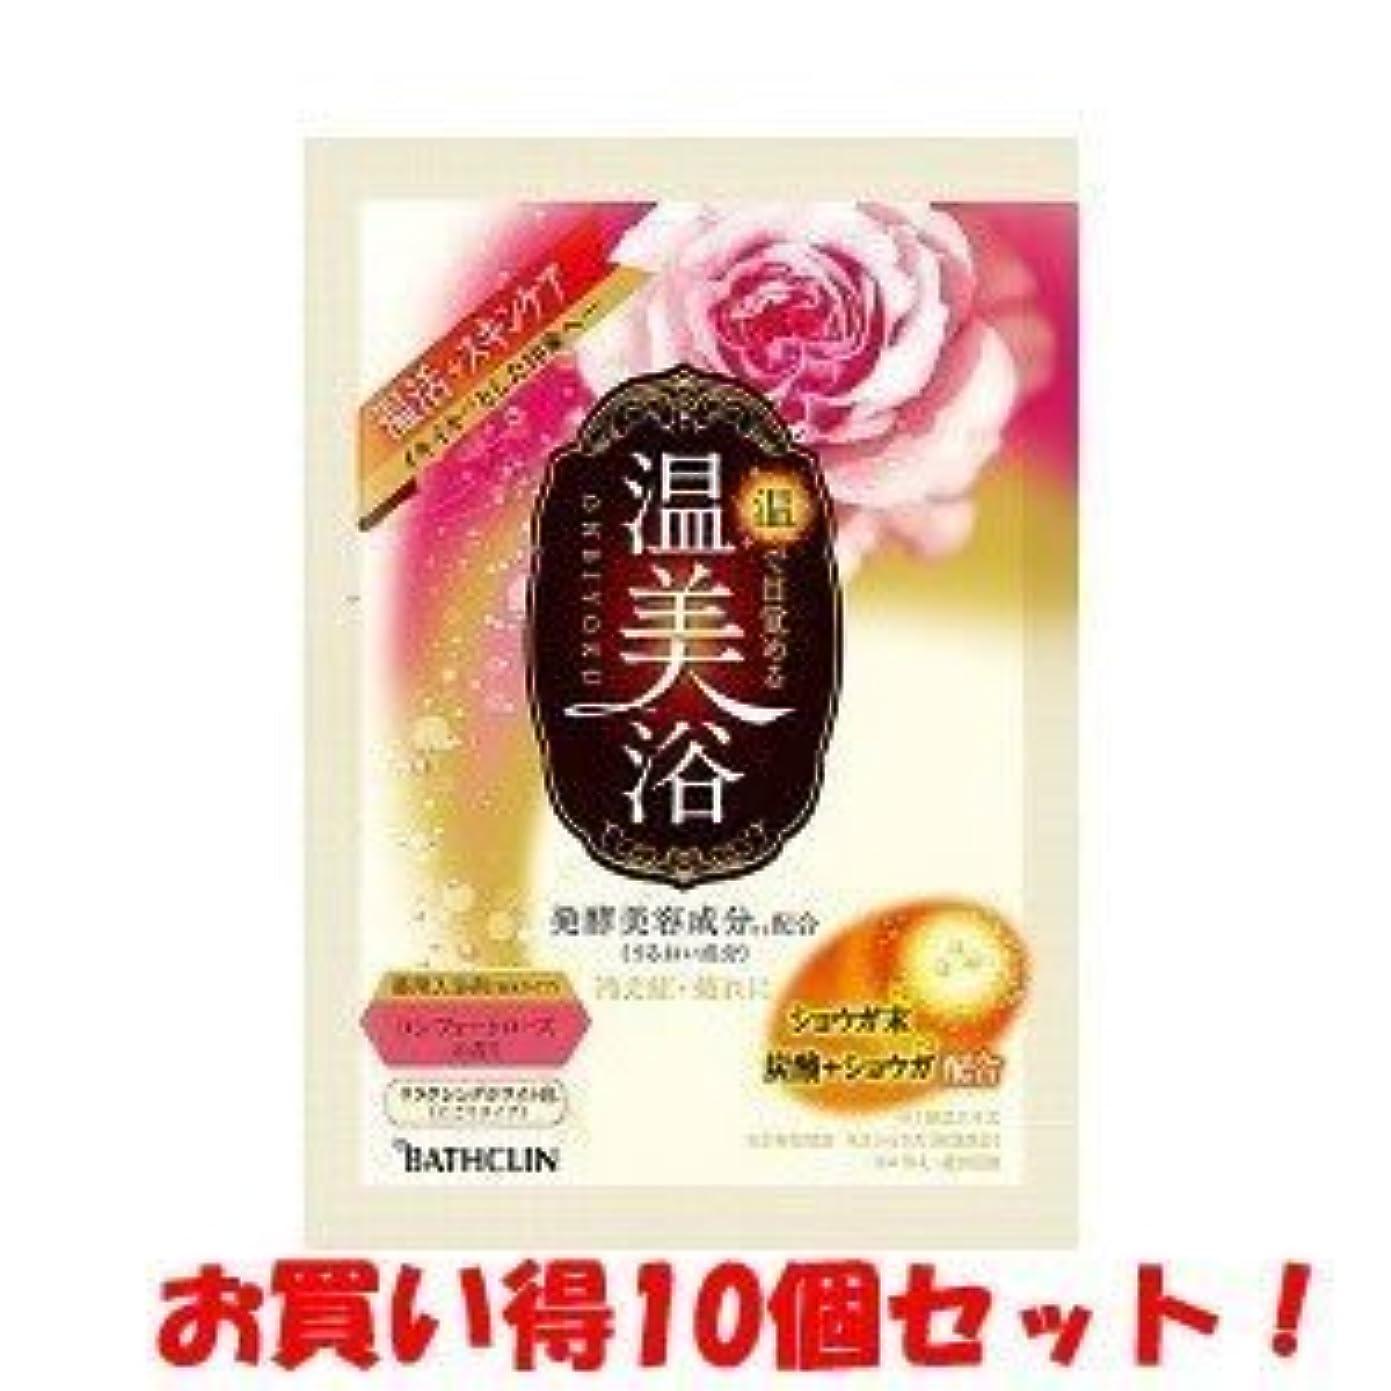 パンツクリーナーピット(バスクリン)温美浴 コンフォートローズの香り 40g(医薬部外品)(お買い得10個セット)